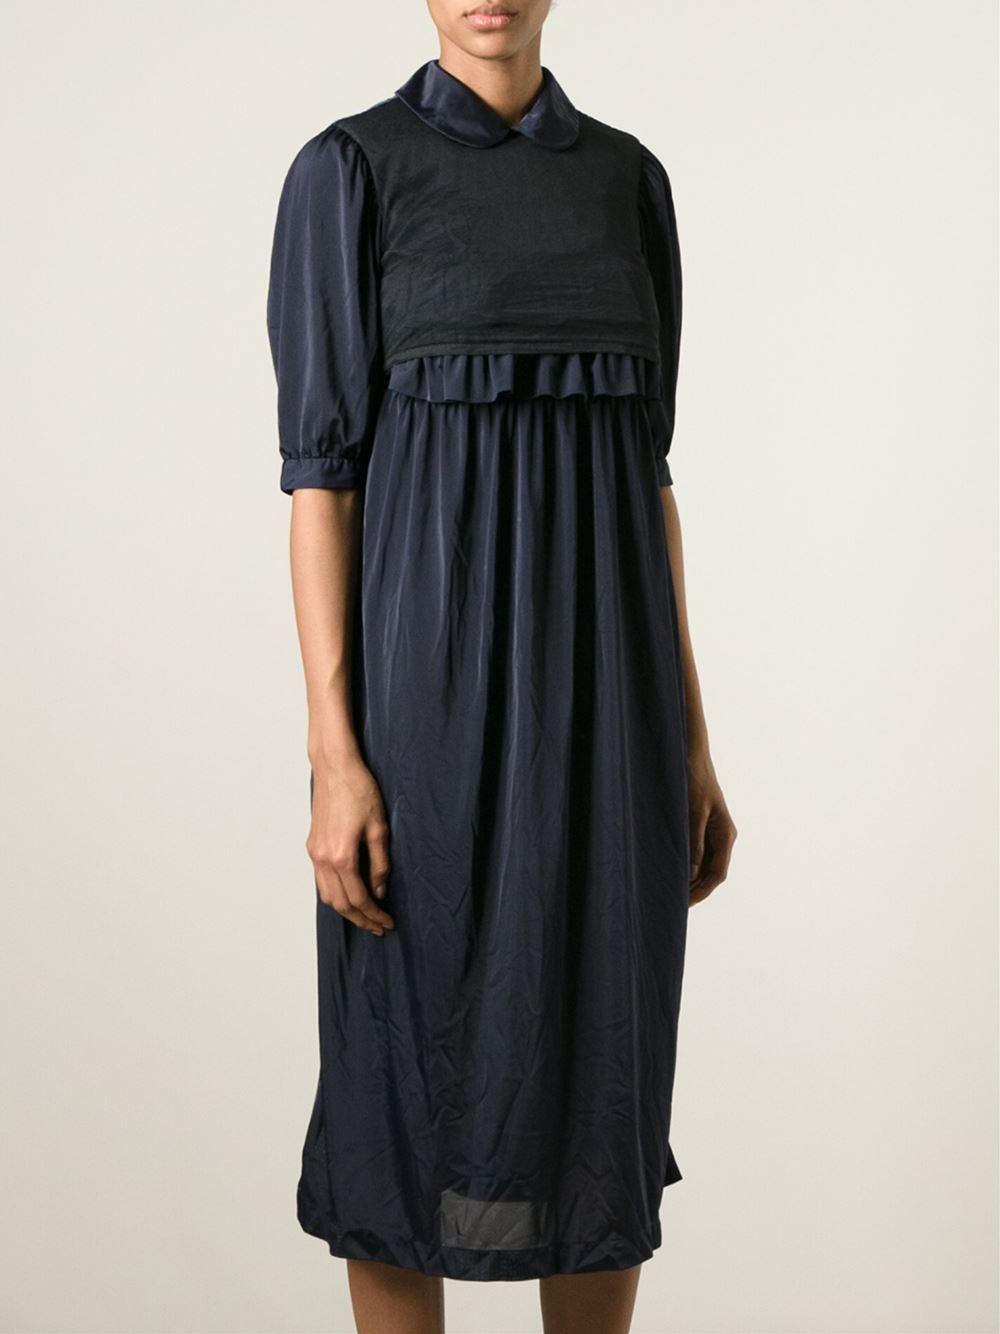 comme des gar ons frill detail dress in blue lyst. Black Bedroom Furniture Sets. Home Design Ideas